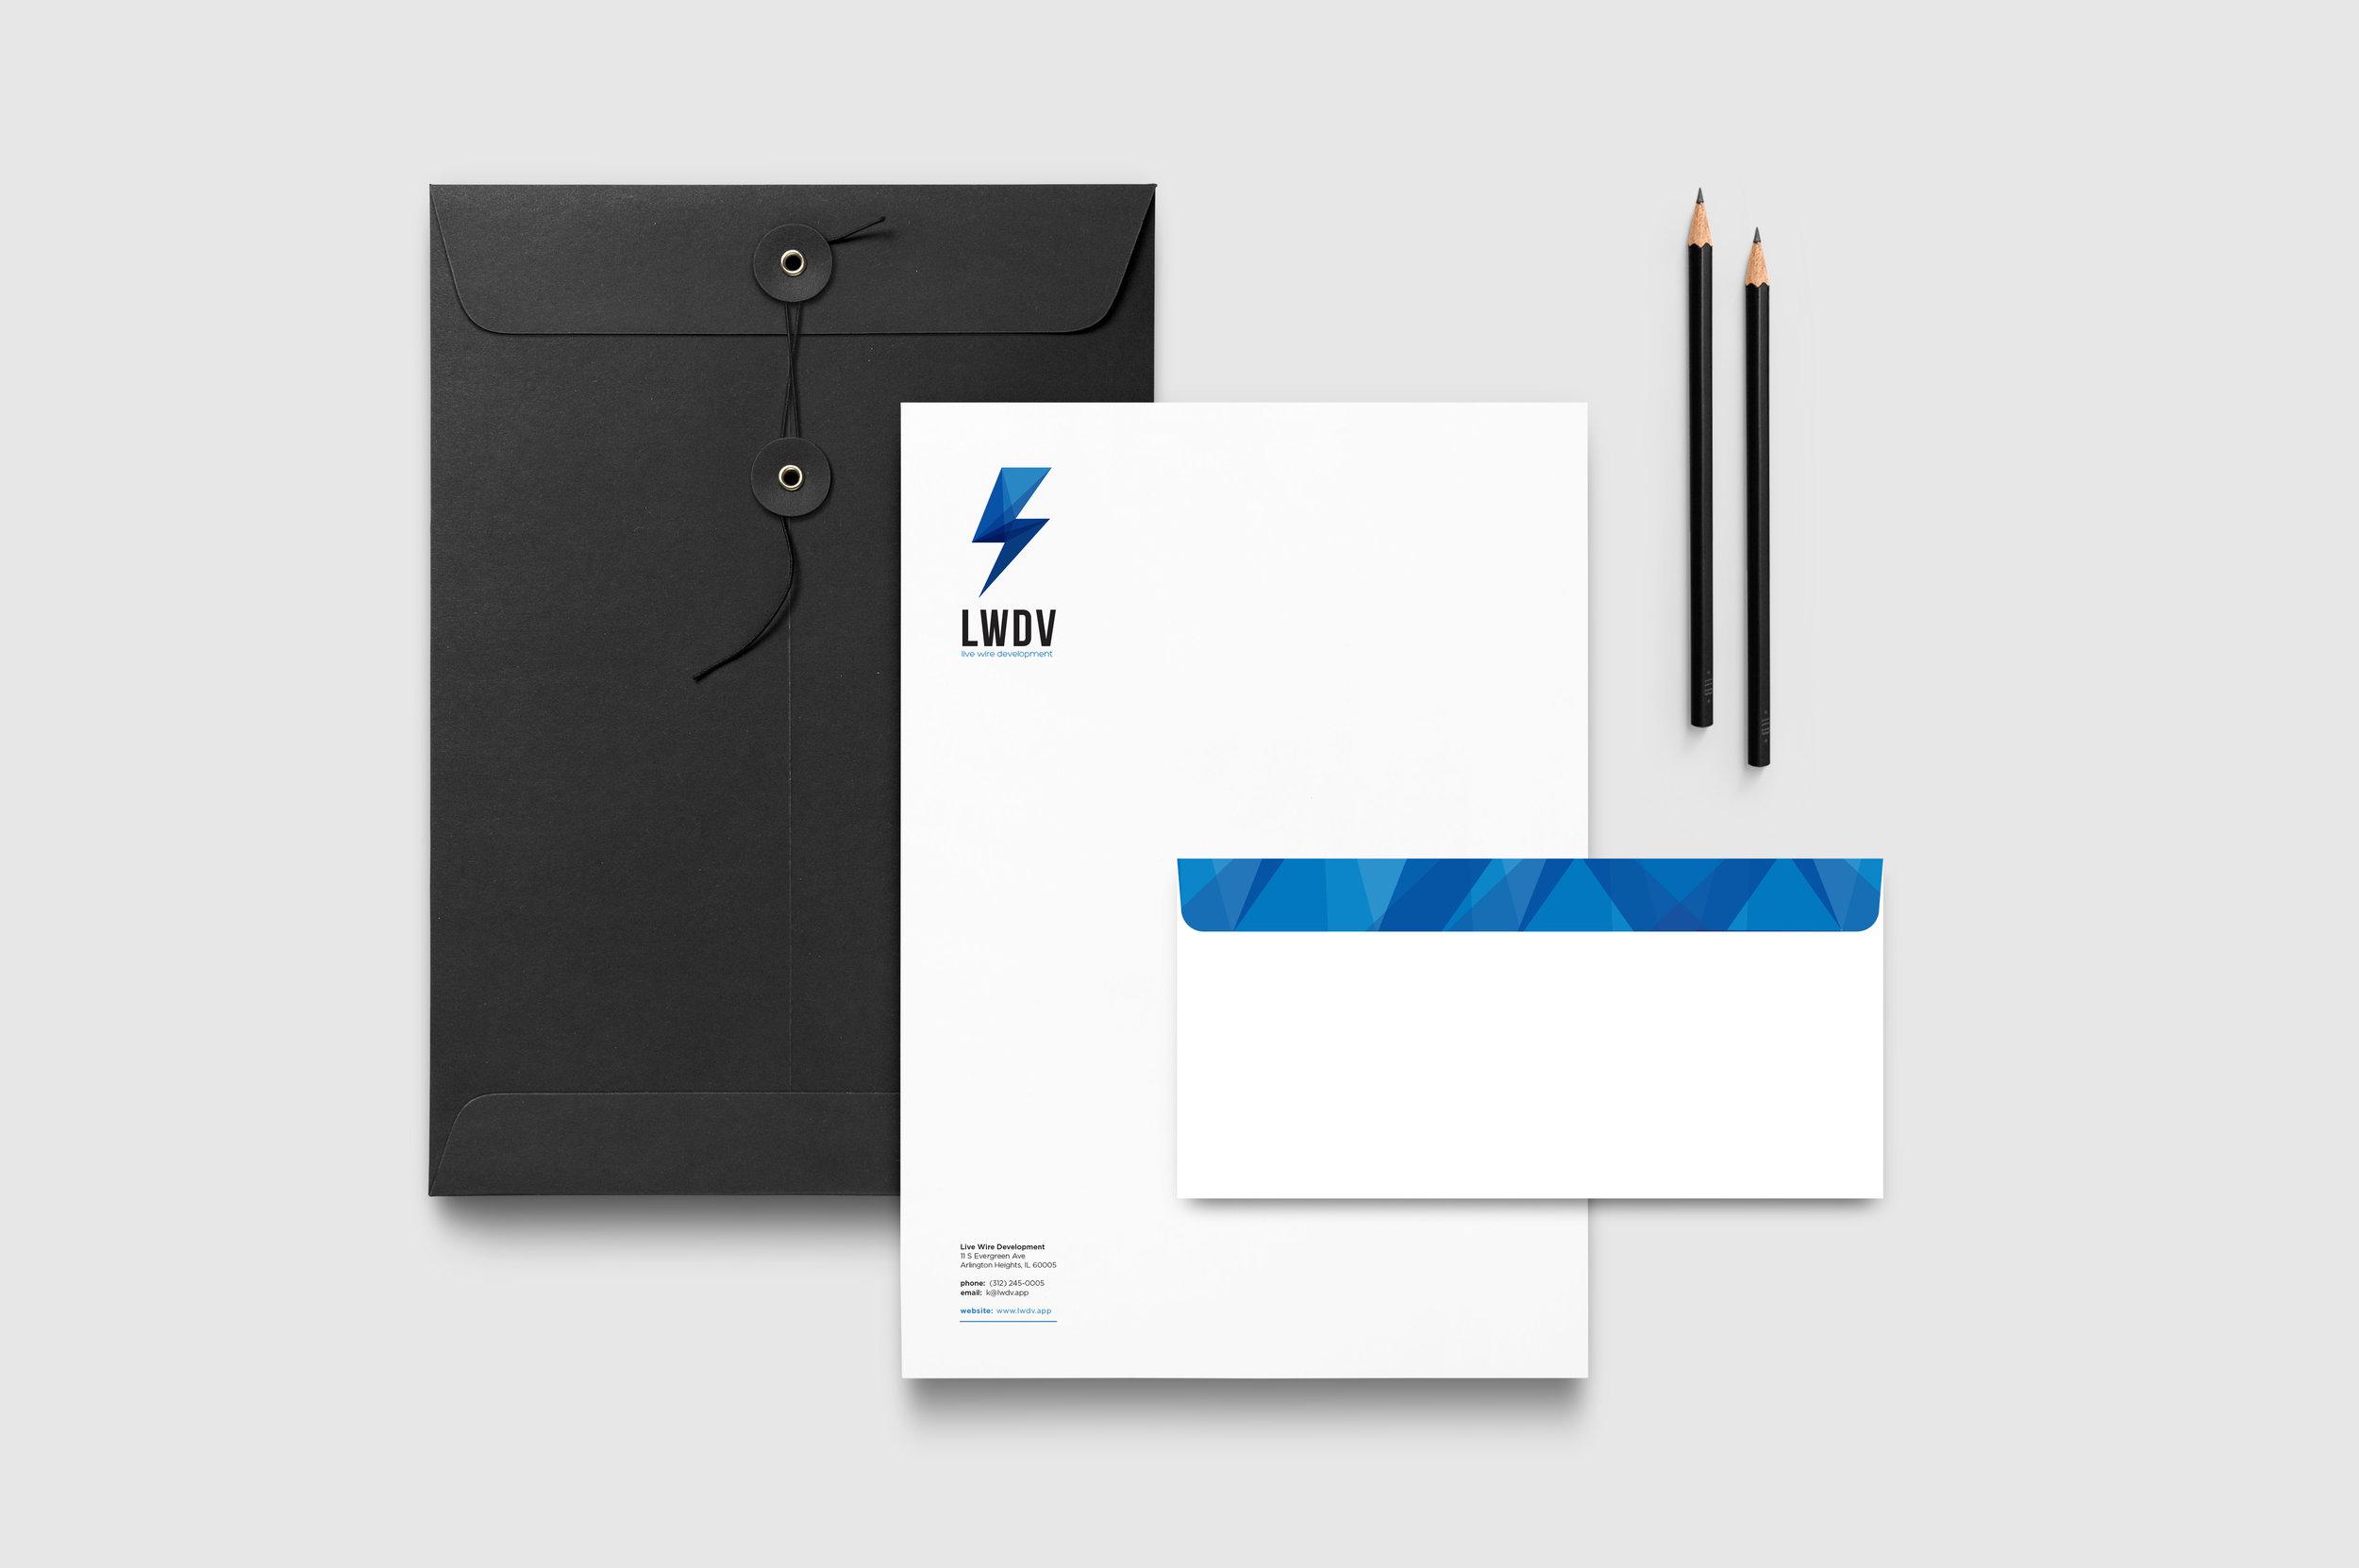 Branding Identity MockUp Vol16_LWDV-stationery-2.jpg